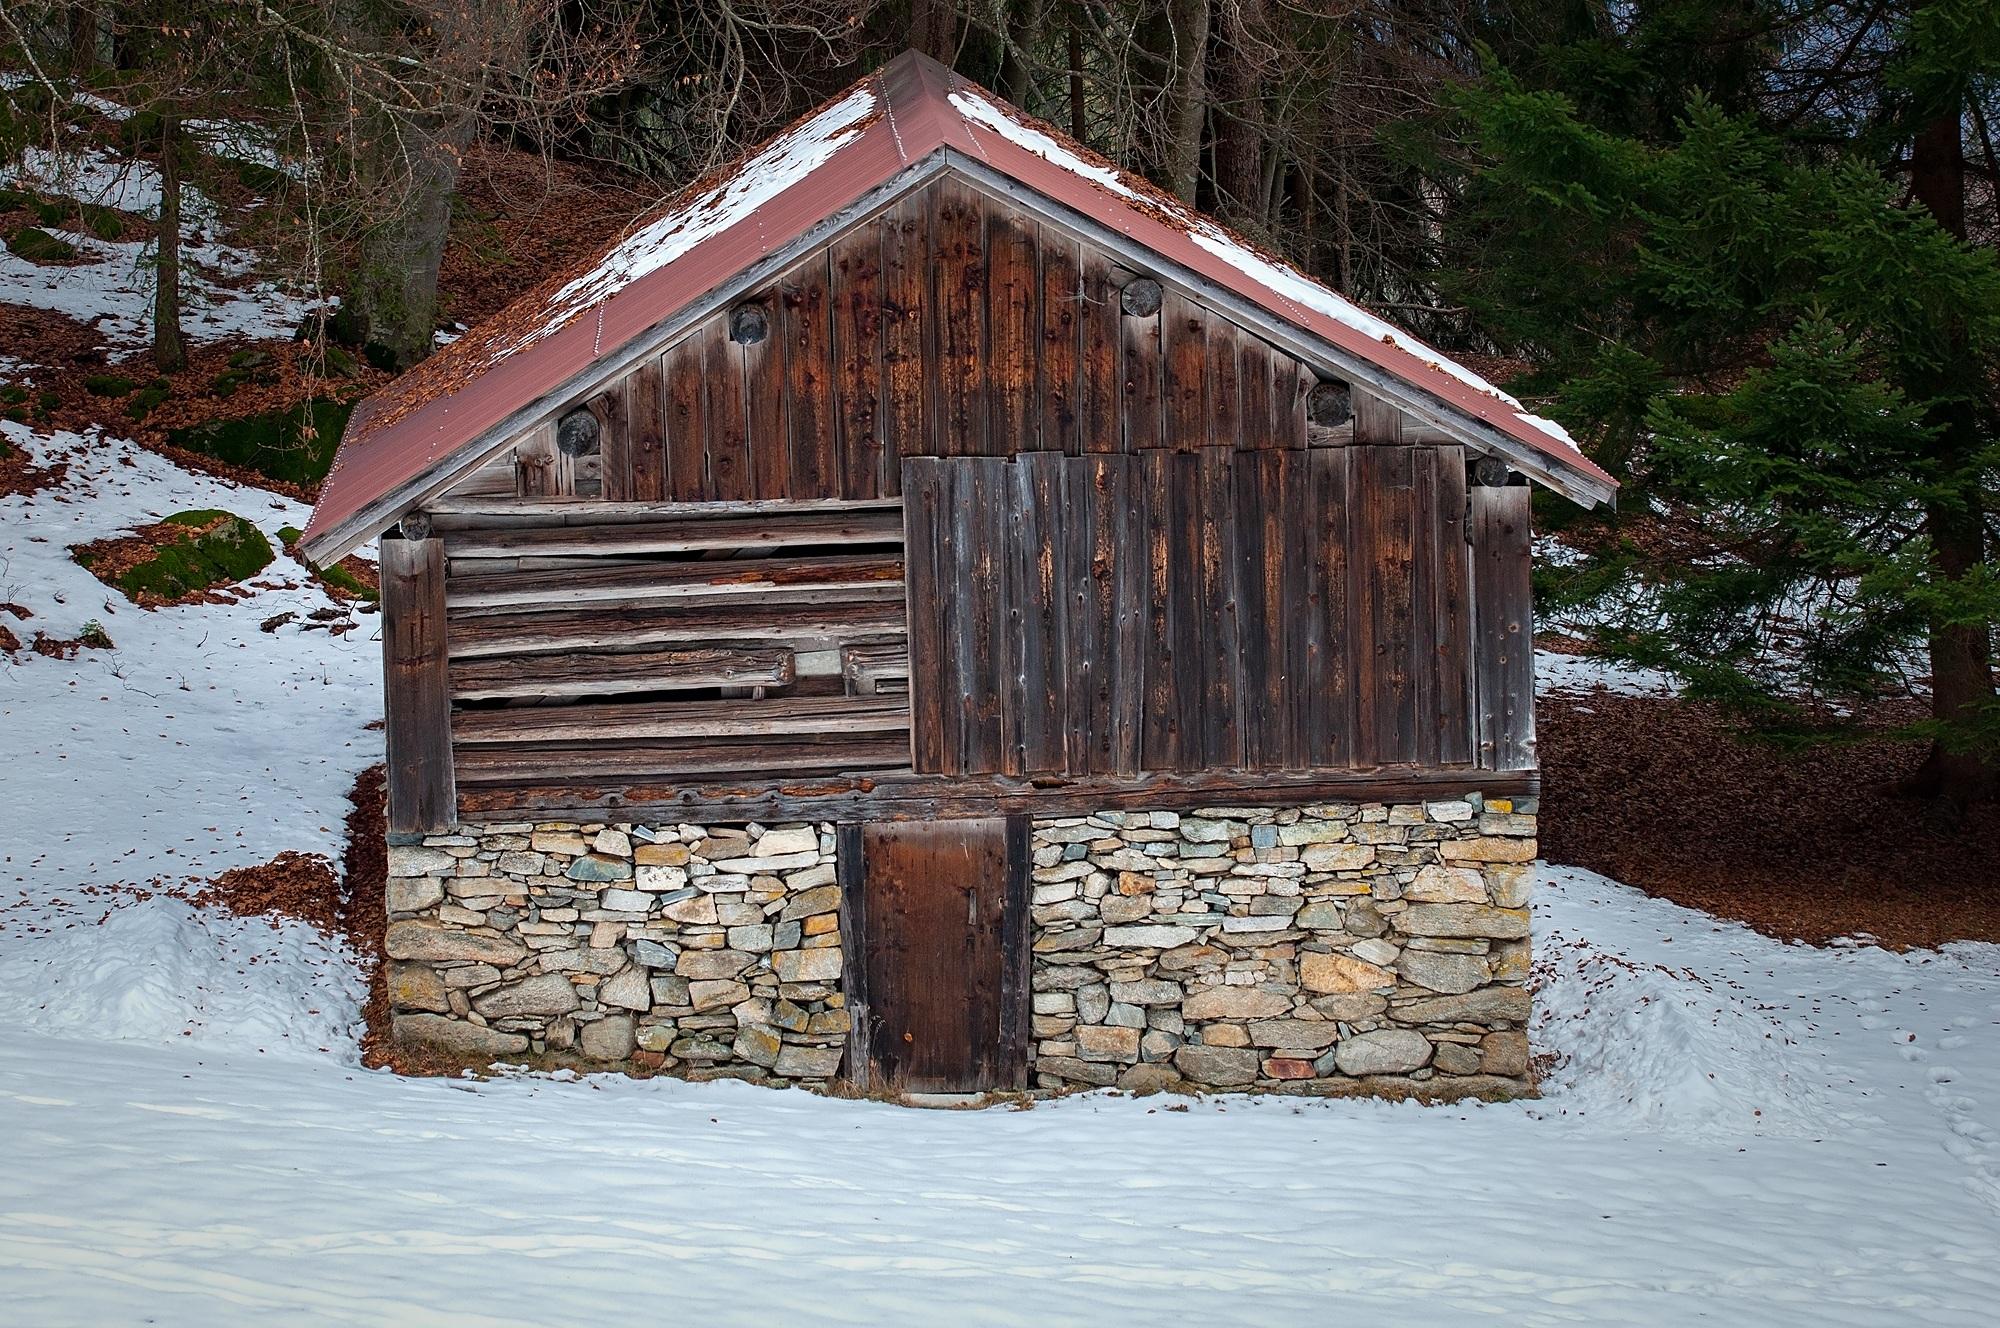 Kostenlose foto : Schnee, Winter, Holz, Haus, Gebäude, Scheune ...